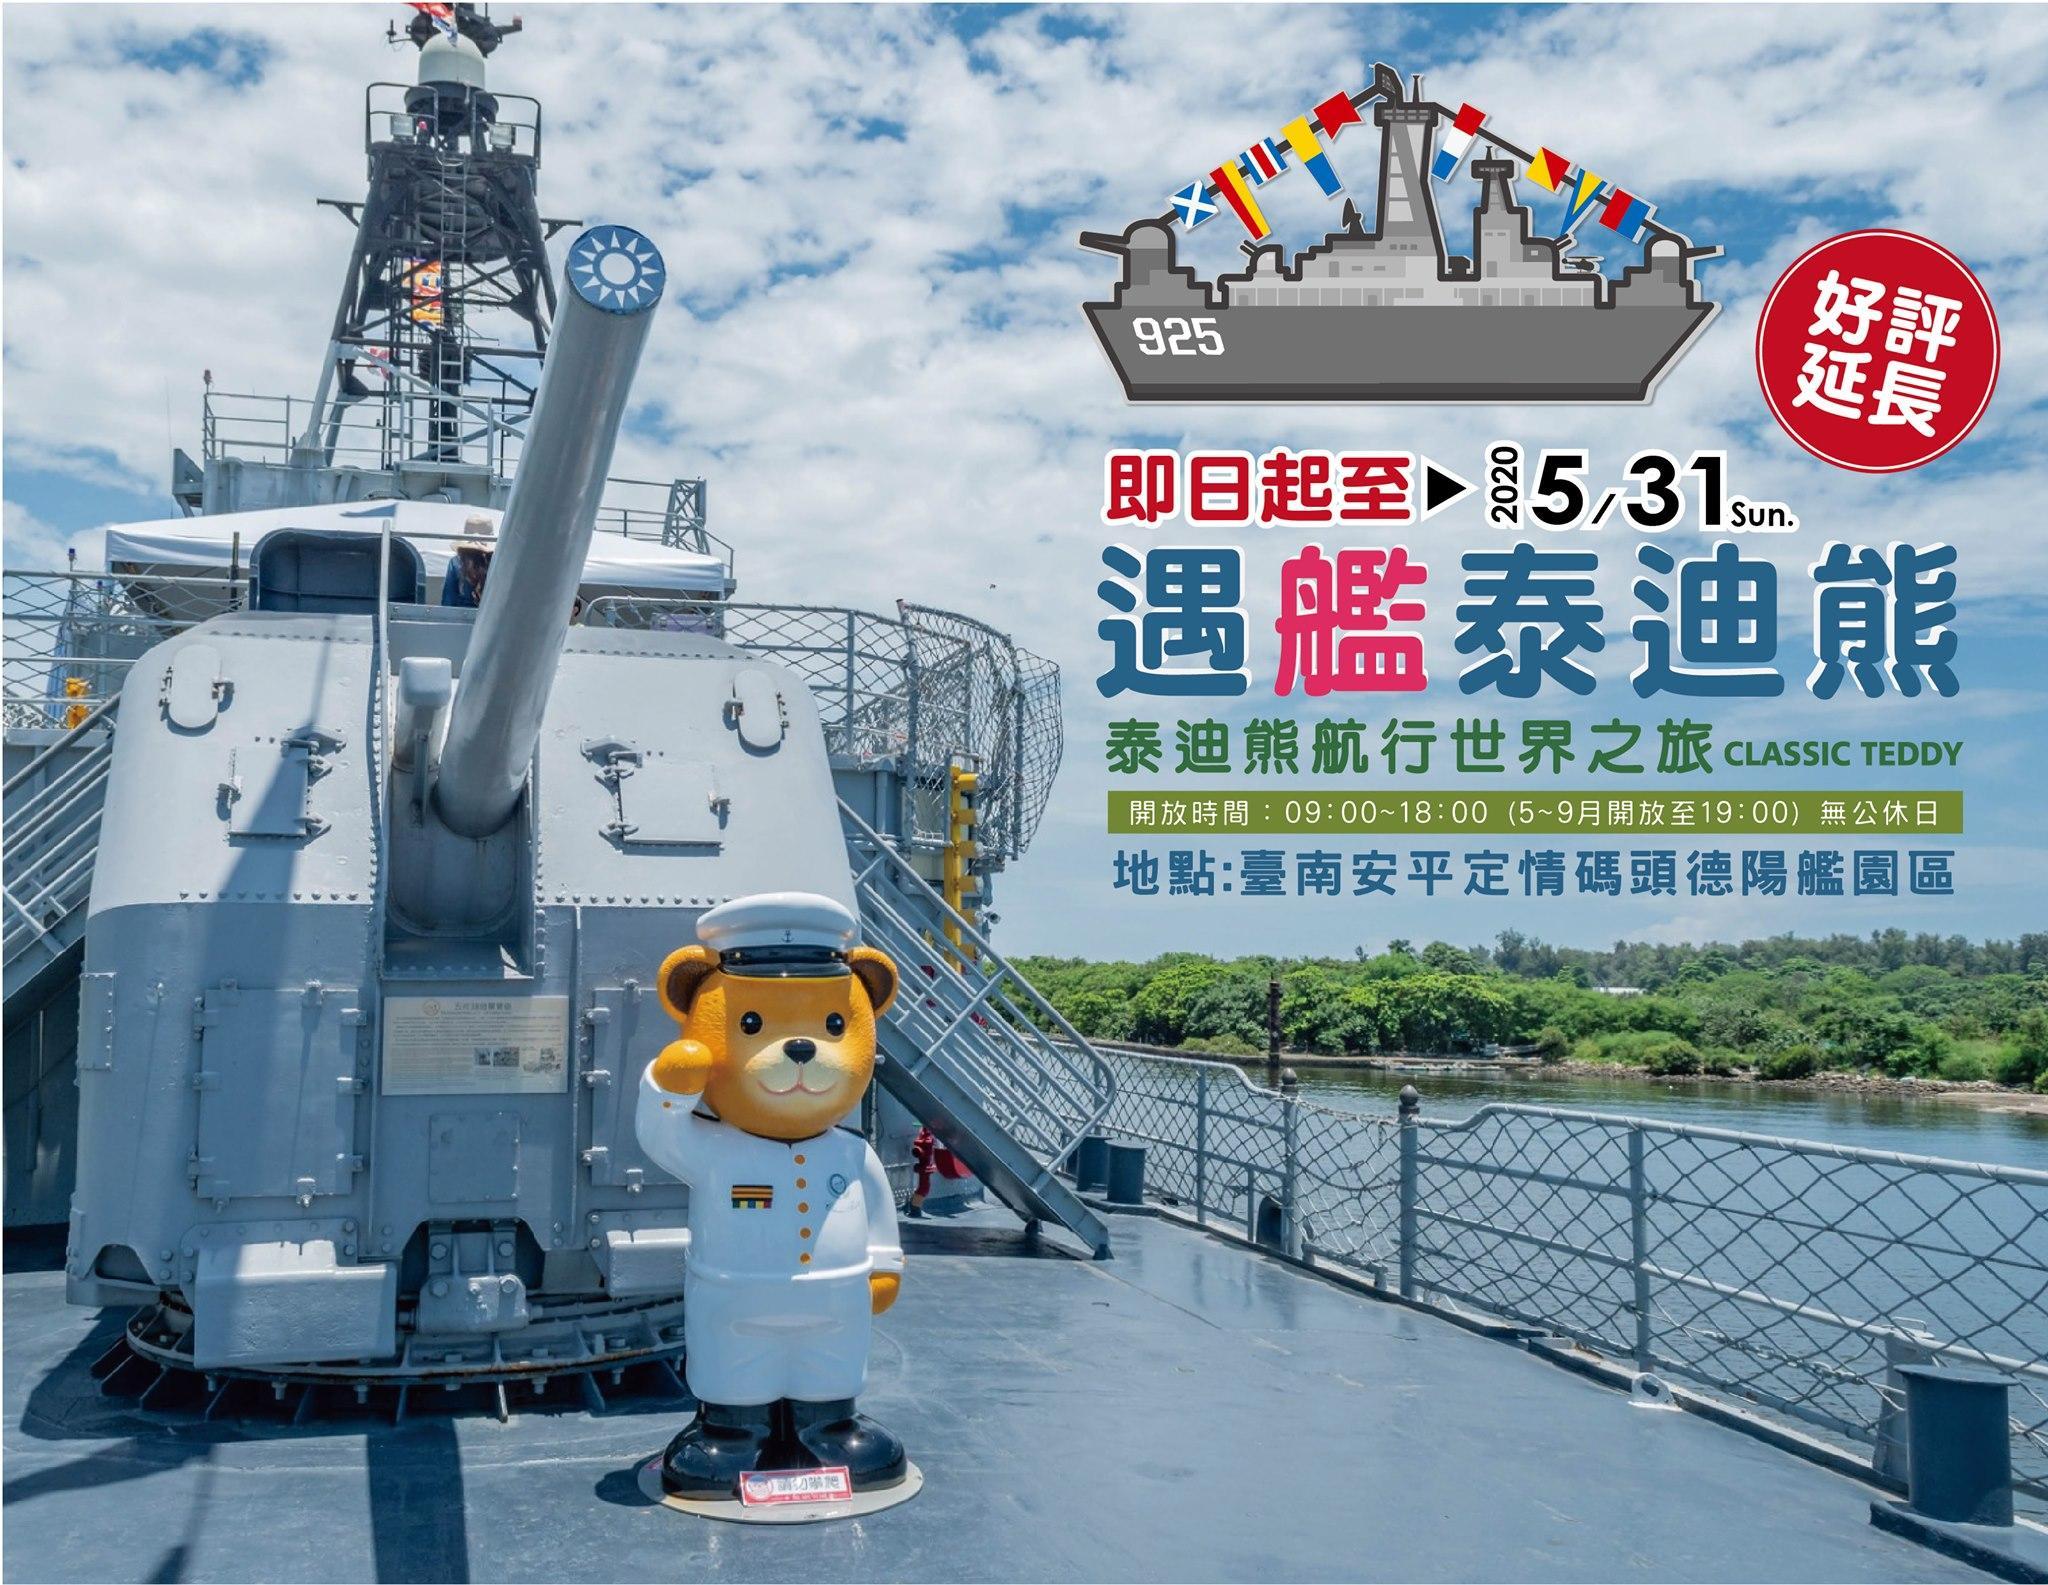 圖片來源: 德陽艦官方粉絲團